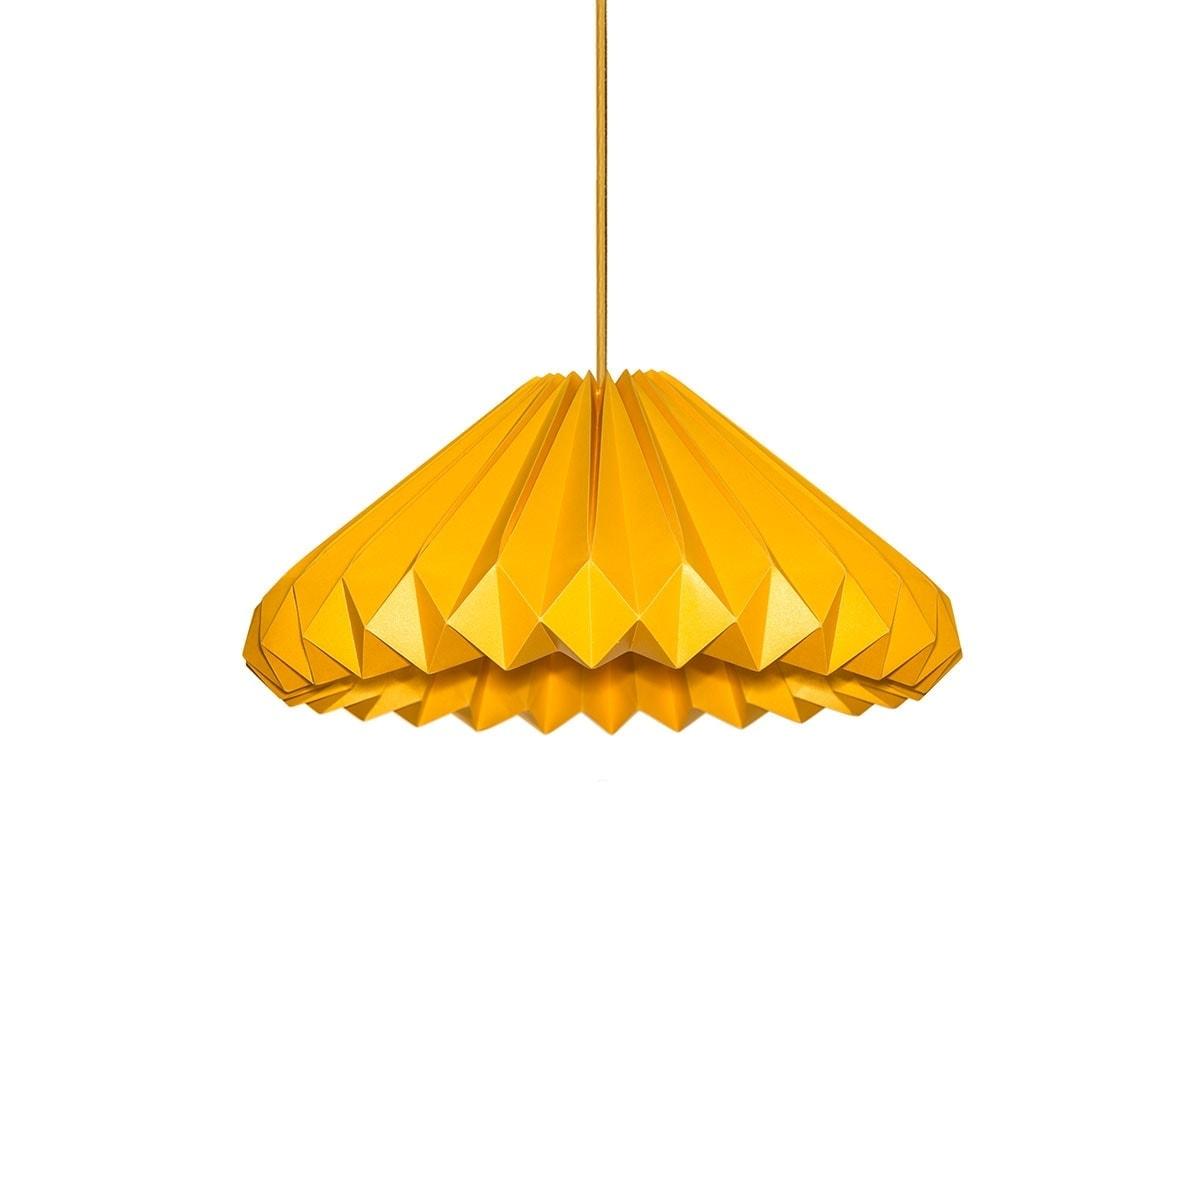 luminária pendente de papel Iluminoo - modelo Diamante Ouro Amarelo M 01